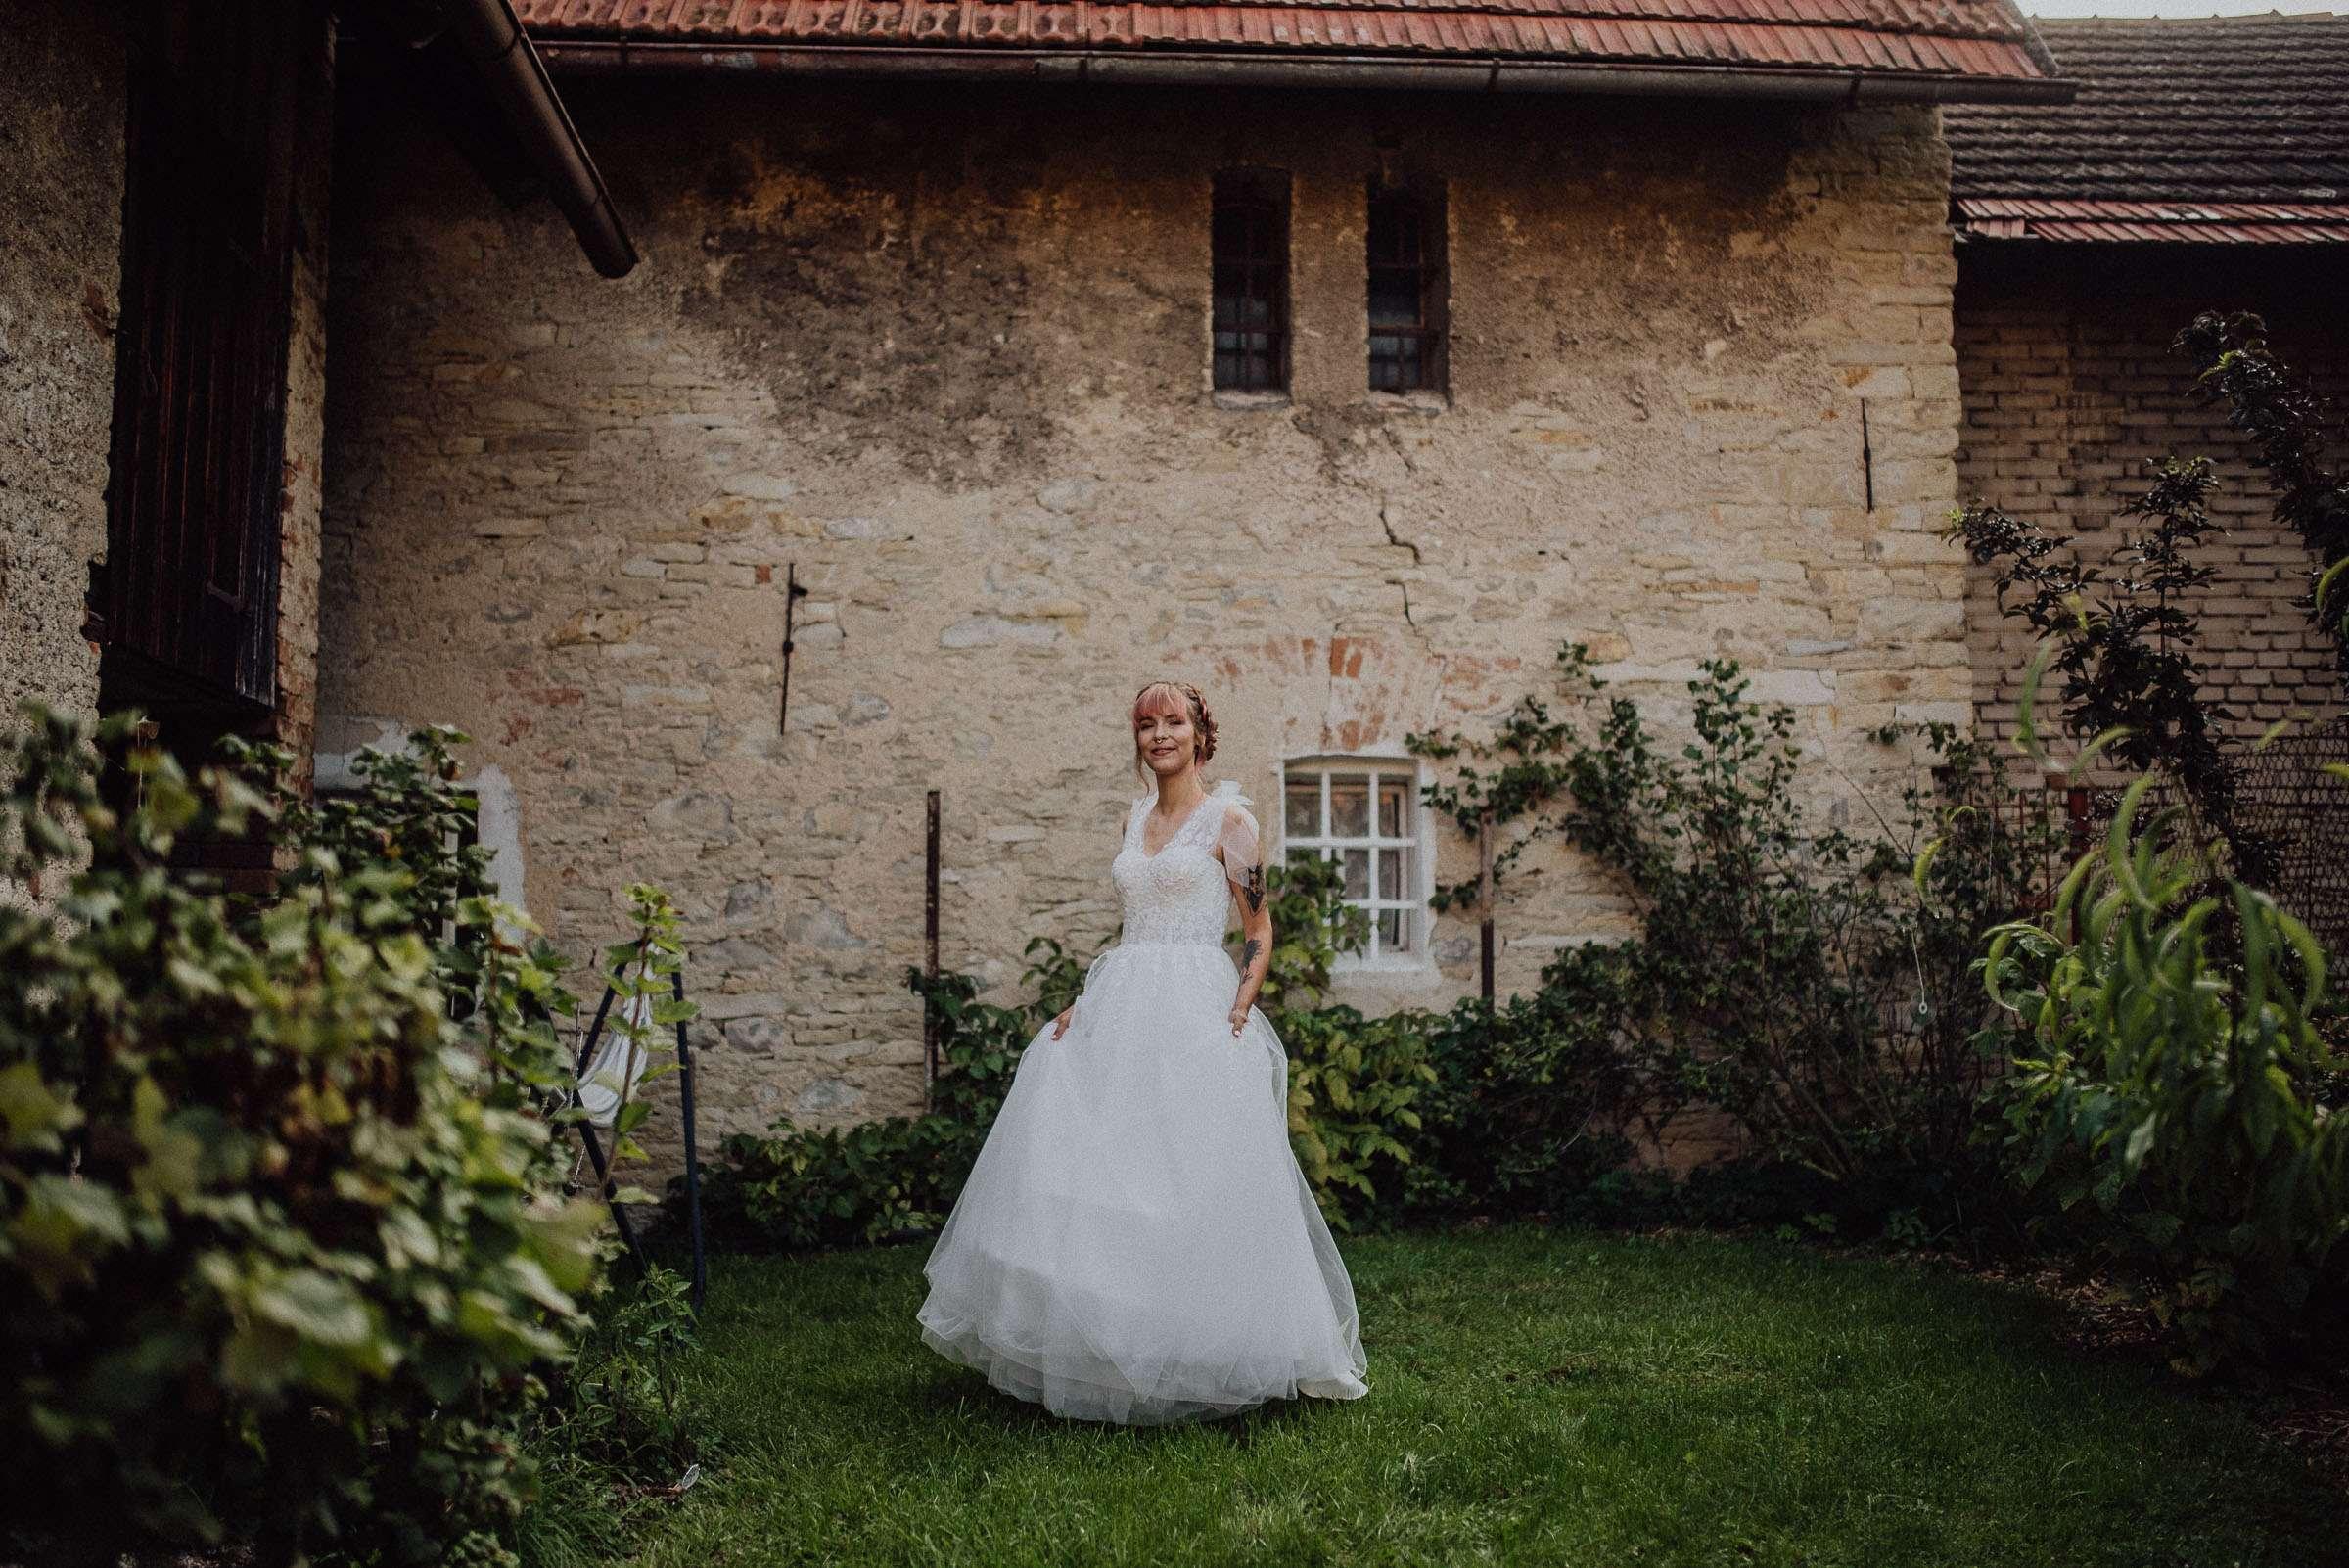 Portrét nevěsty ve svatebních šatech v rustikální zahradě